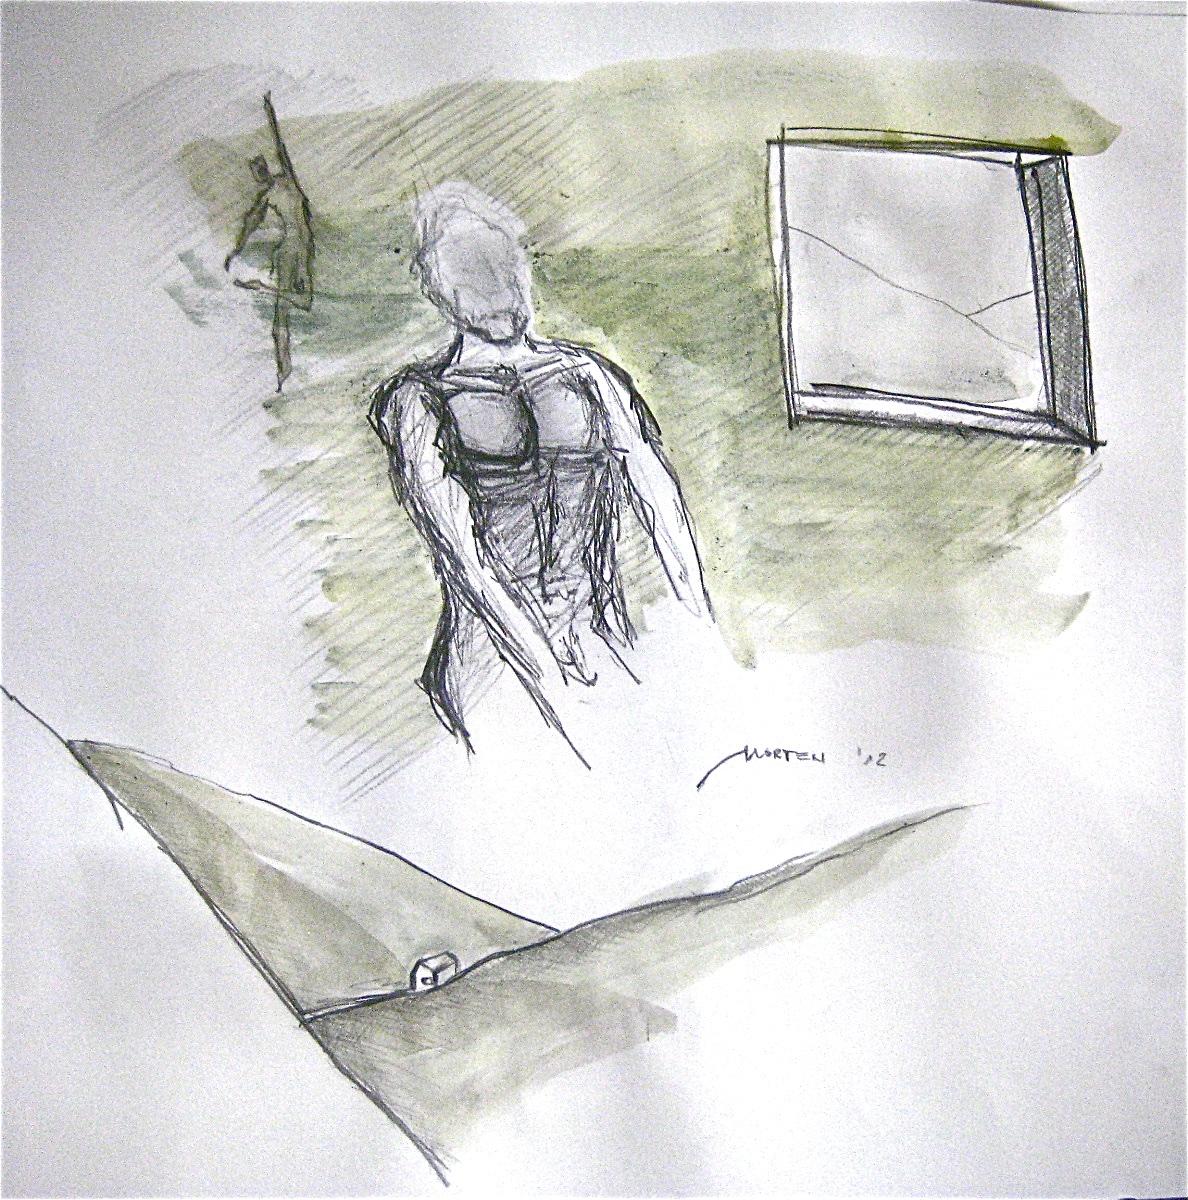 Betrachtet Zyklus: Die Zeit mit Nurejew Nr. 01, Mischtechnik, 40x40cm, 2012